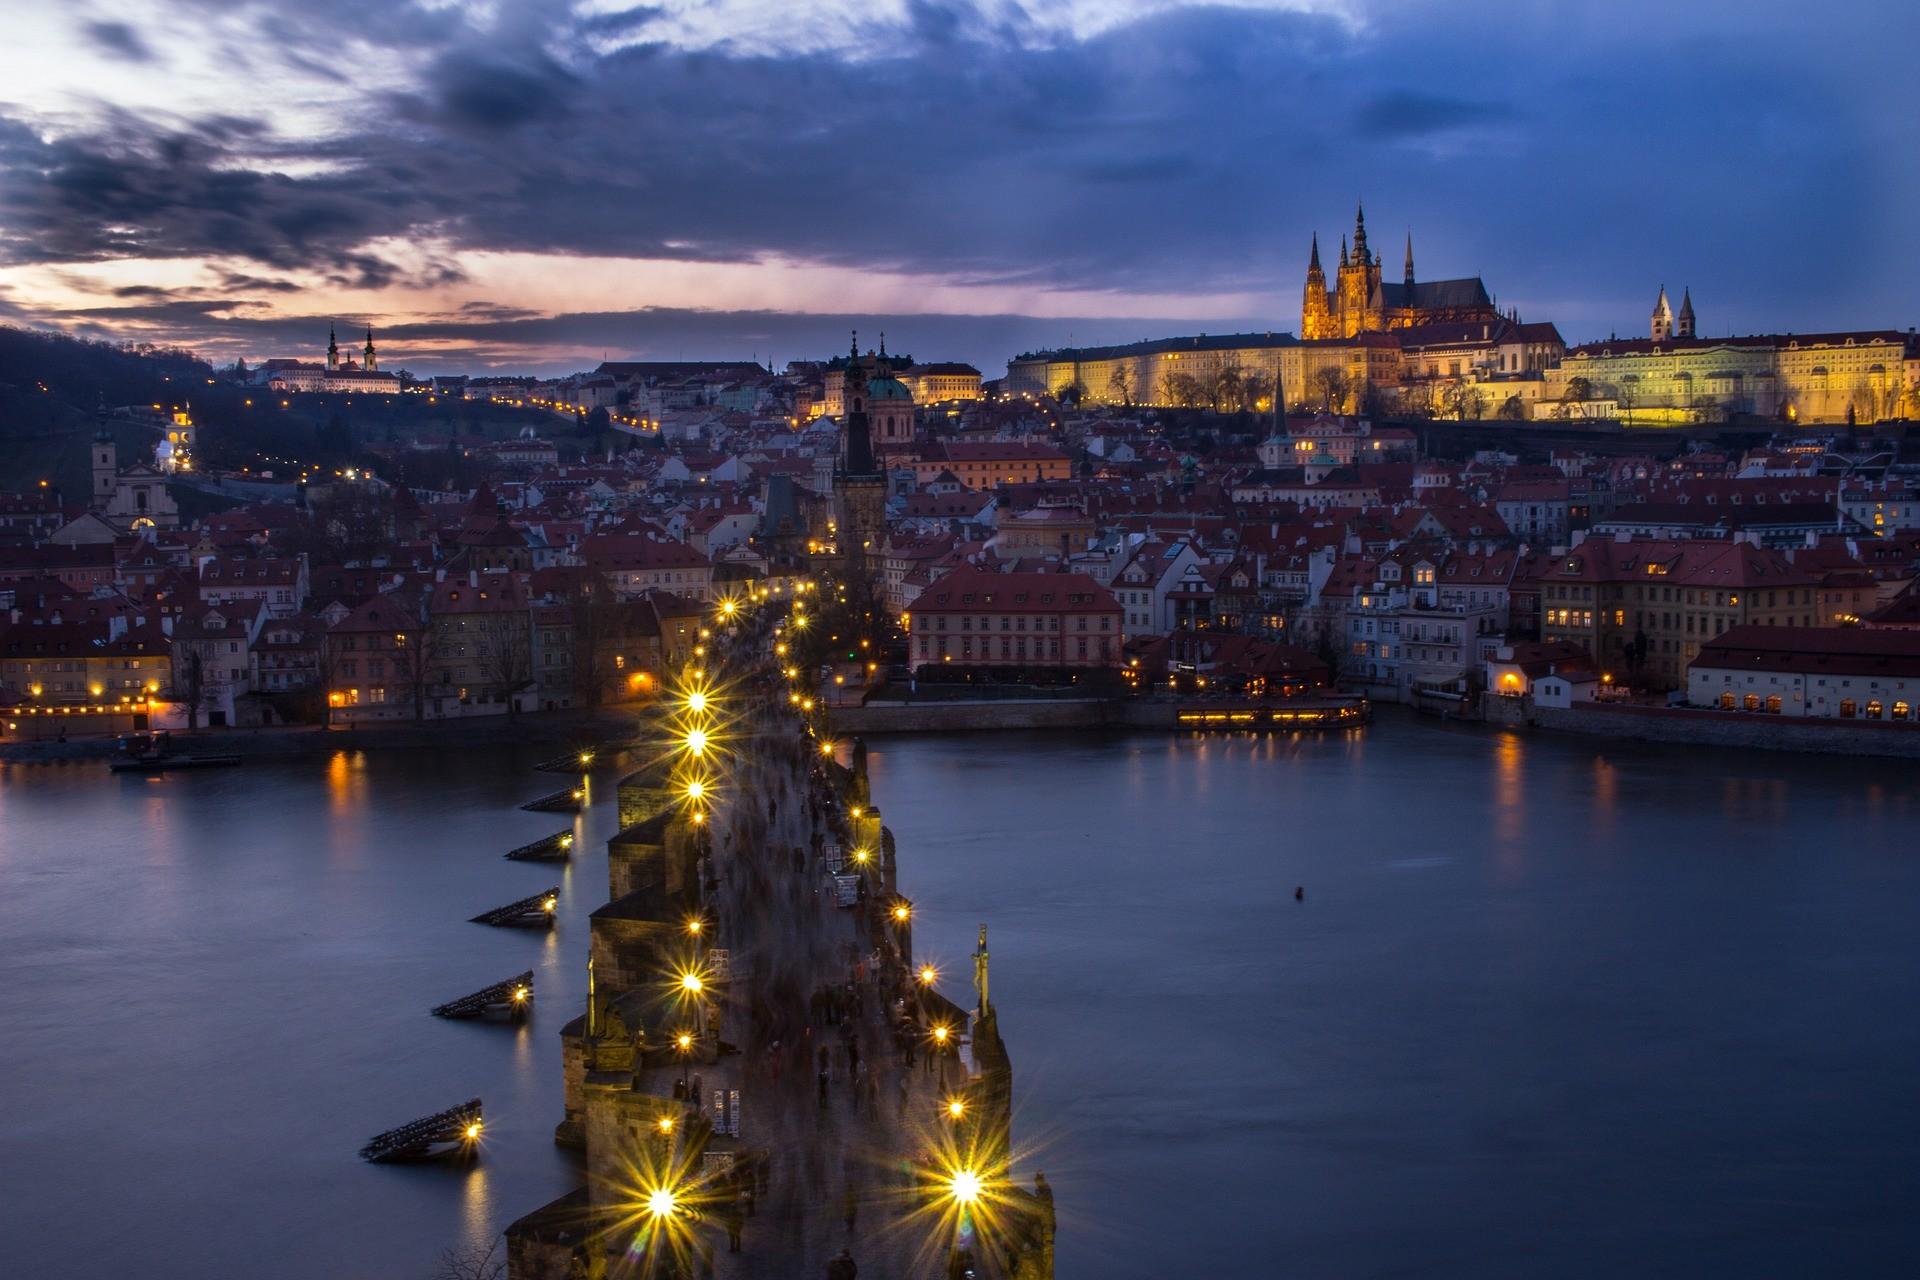 ¡Erasmus en Praga!